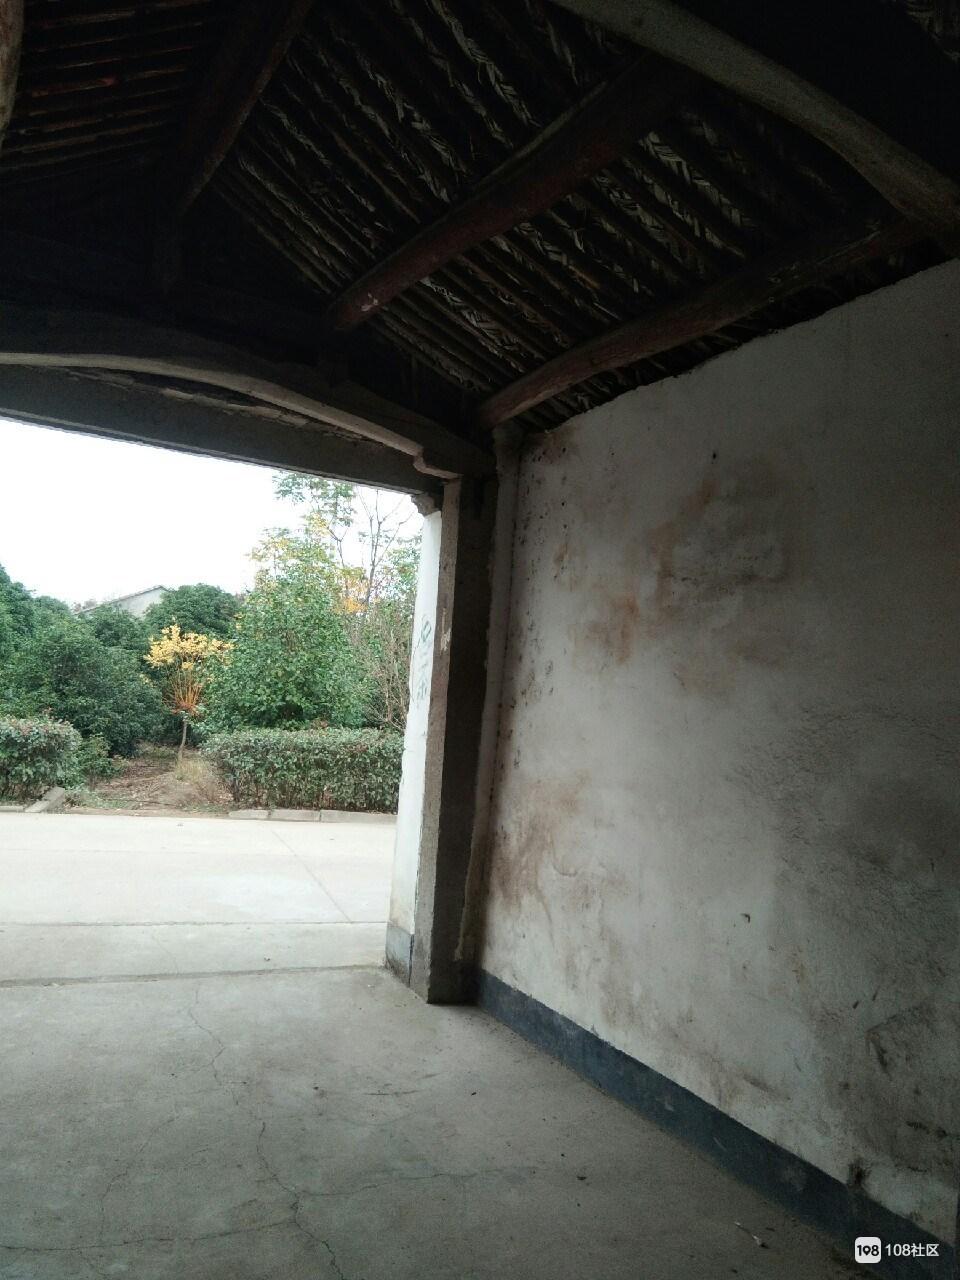 嵊州又一古迹正在消失,惨遭遗忘!不是倒塌就是被拆